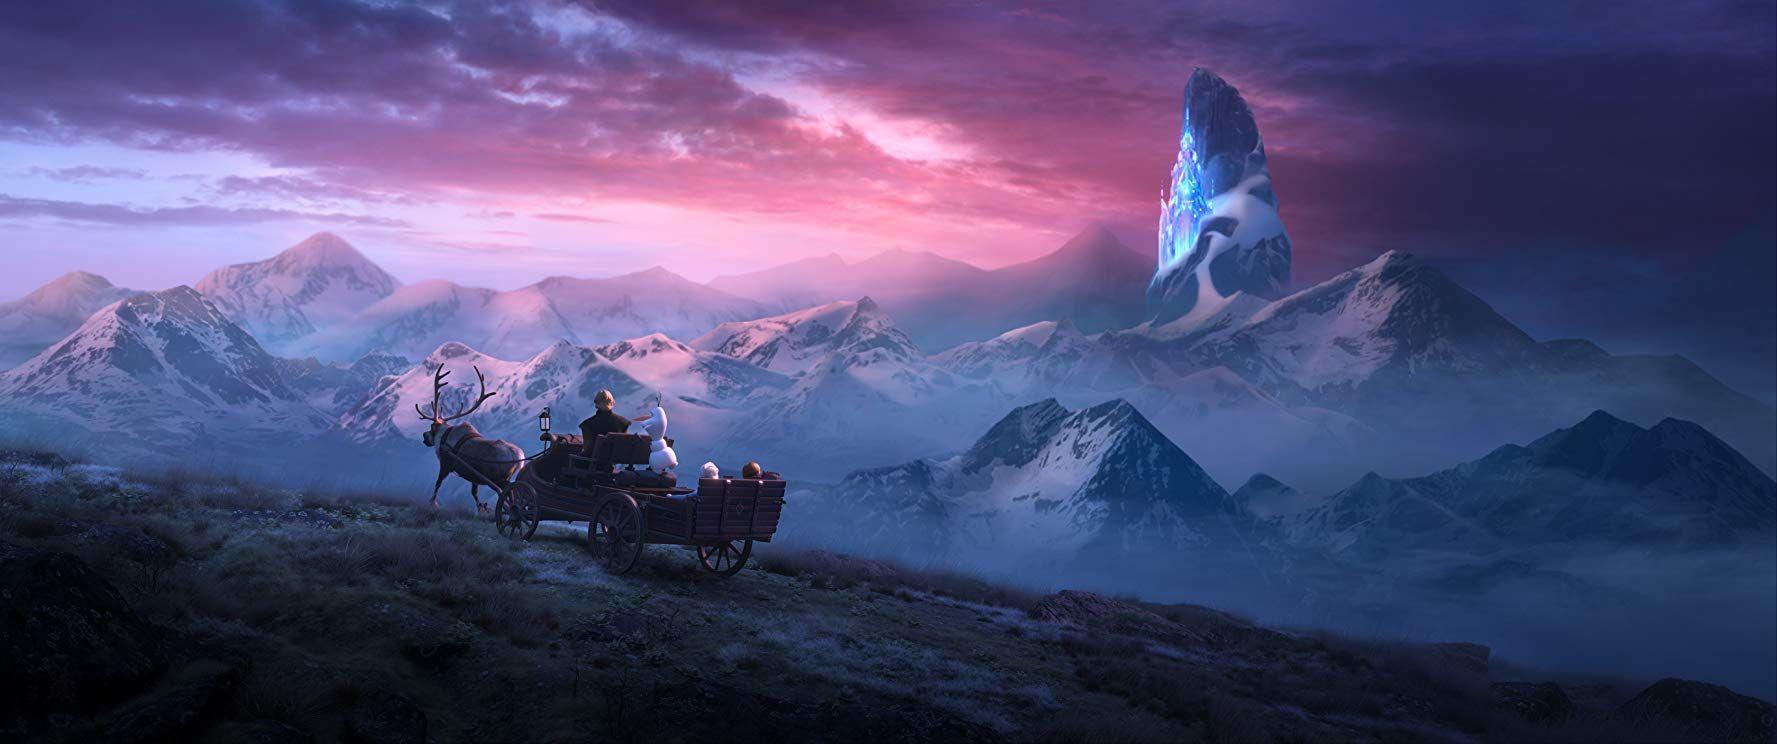 Lebih Magis, Ini 12 Keindahan yang Ada di Trailer Terbaru Frozen II